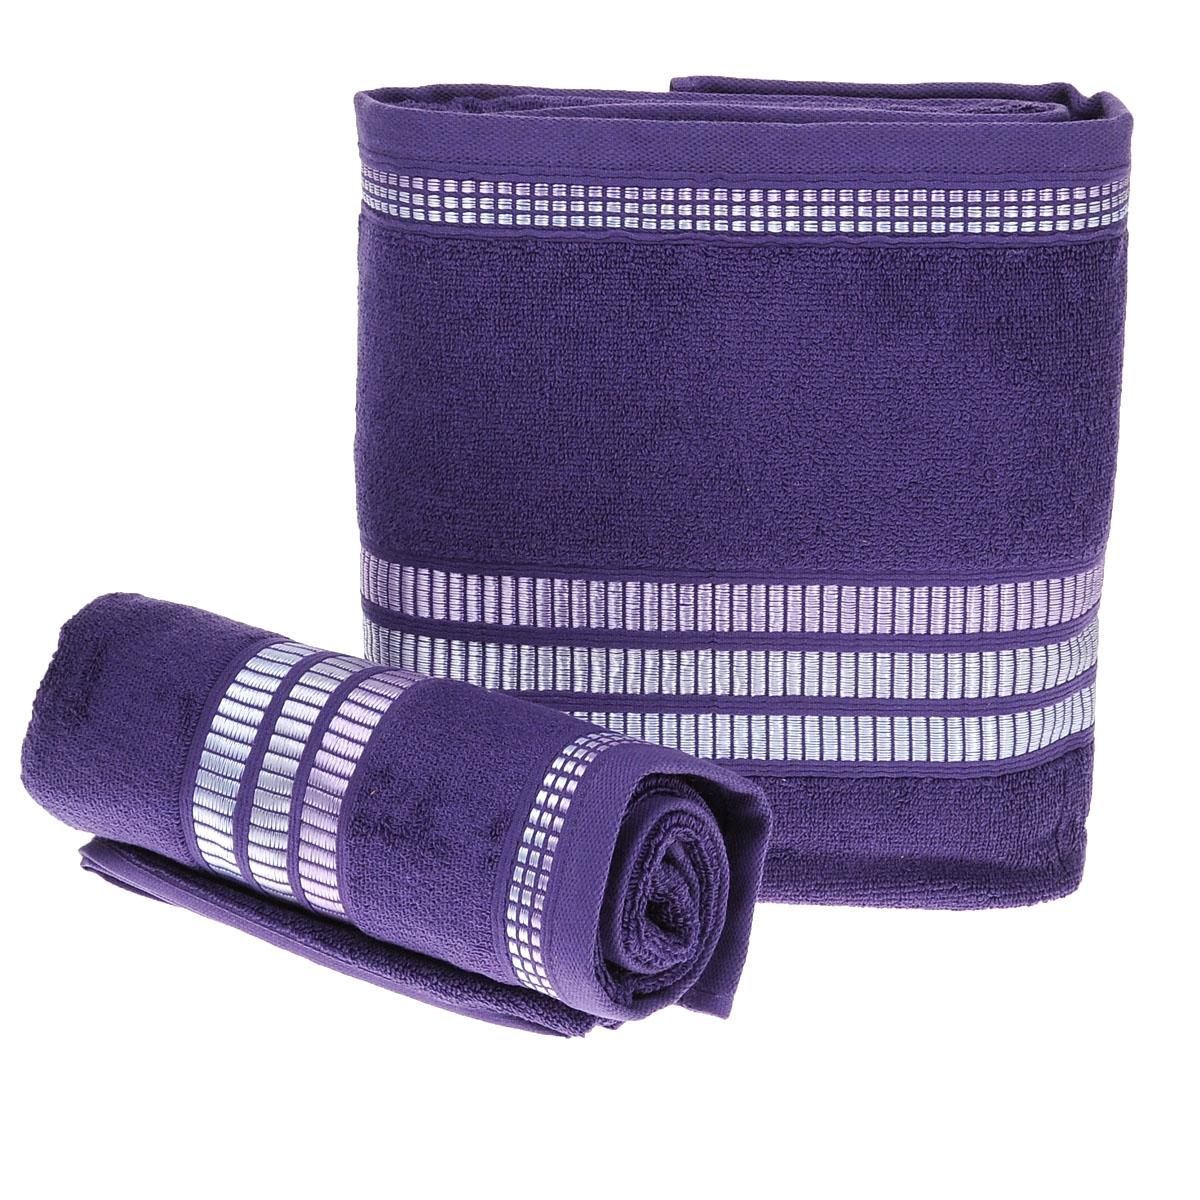 Набор махровых полотенец Coronet Пиано, цвет: темно-фиолетовый, 100x150, 50x90-100% хлопокБ-МП-2020-15-12-кПодарочный набор Coronet Пиано состоит из двух полотенец разного размера, выполненных из натуральной махровой ткани. Полотенца украшены изящным декоративным теснением. Мягкие и уютные, они прекрасно впитывают влагу и легко стираются. Такой набор подарит вам мягкость и необыкновенный комфорт в использовании. Благодаря высокому качеству изготовления, полотенце будет радовать многие годы. Полотенца упакованы в подарочную коробку и станут приятным и полезным подарком вашим друзьям и близким.